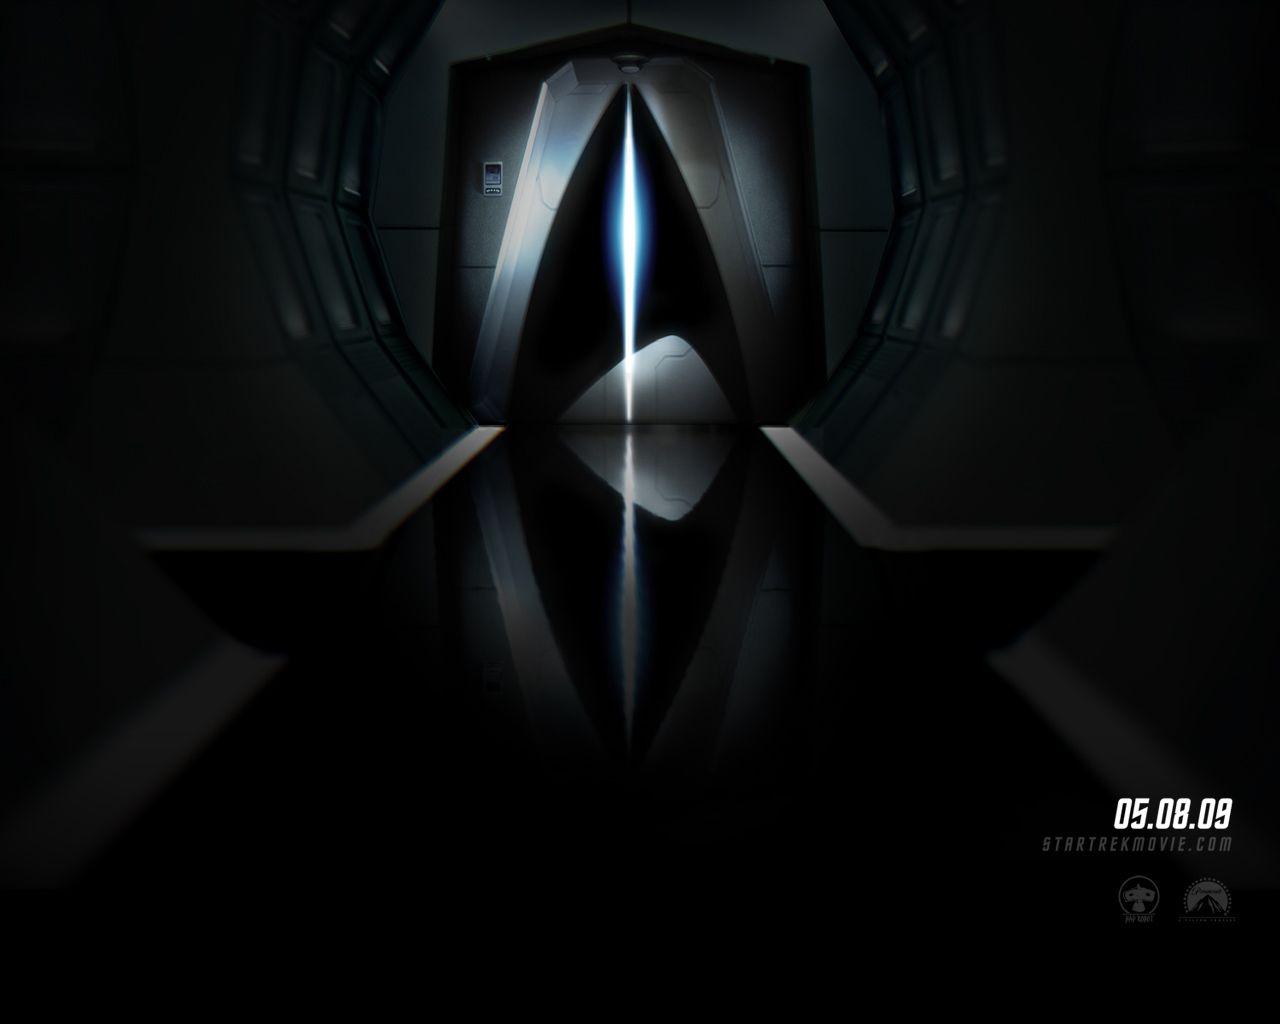 Star Trek 2009 Door Poster Wallpaper 1280x1024